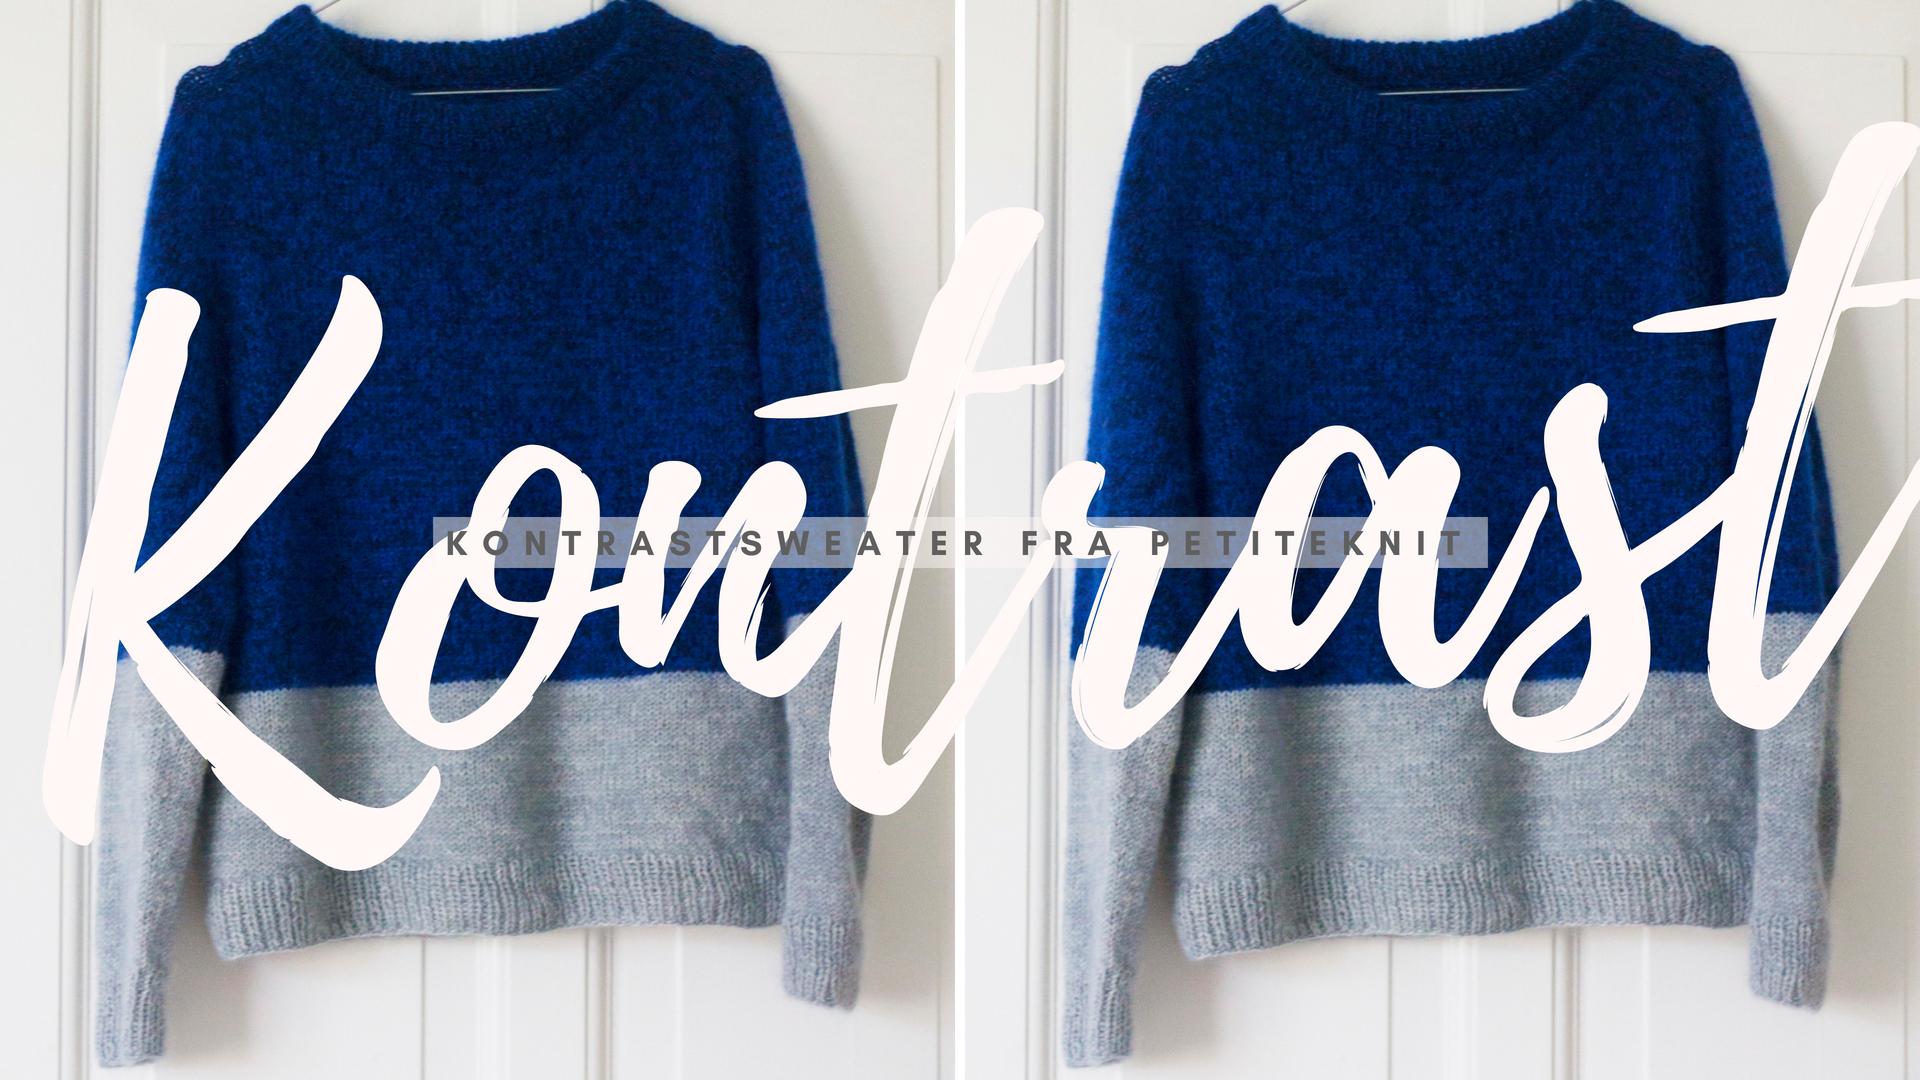 kontrast Sweater.jpg